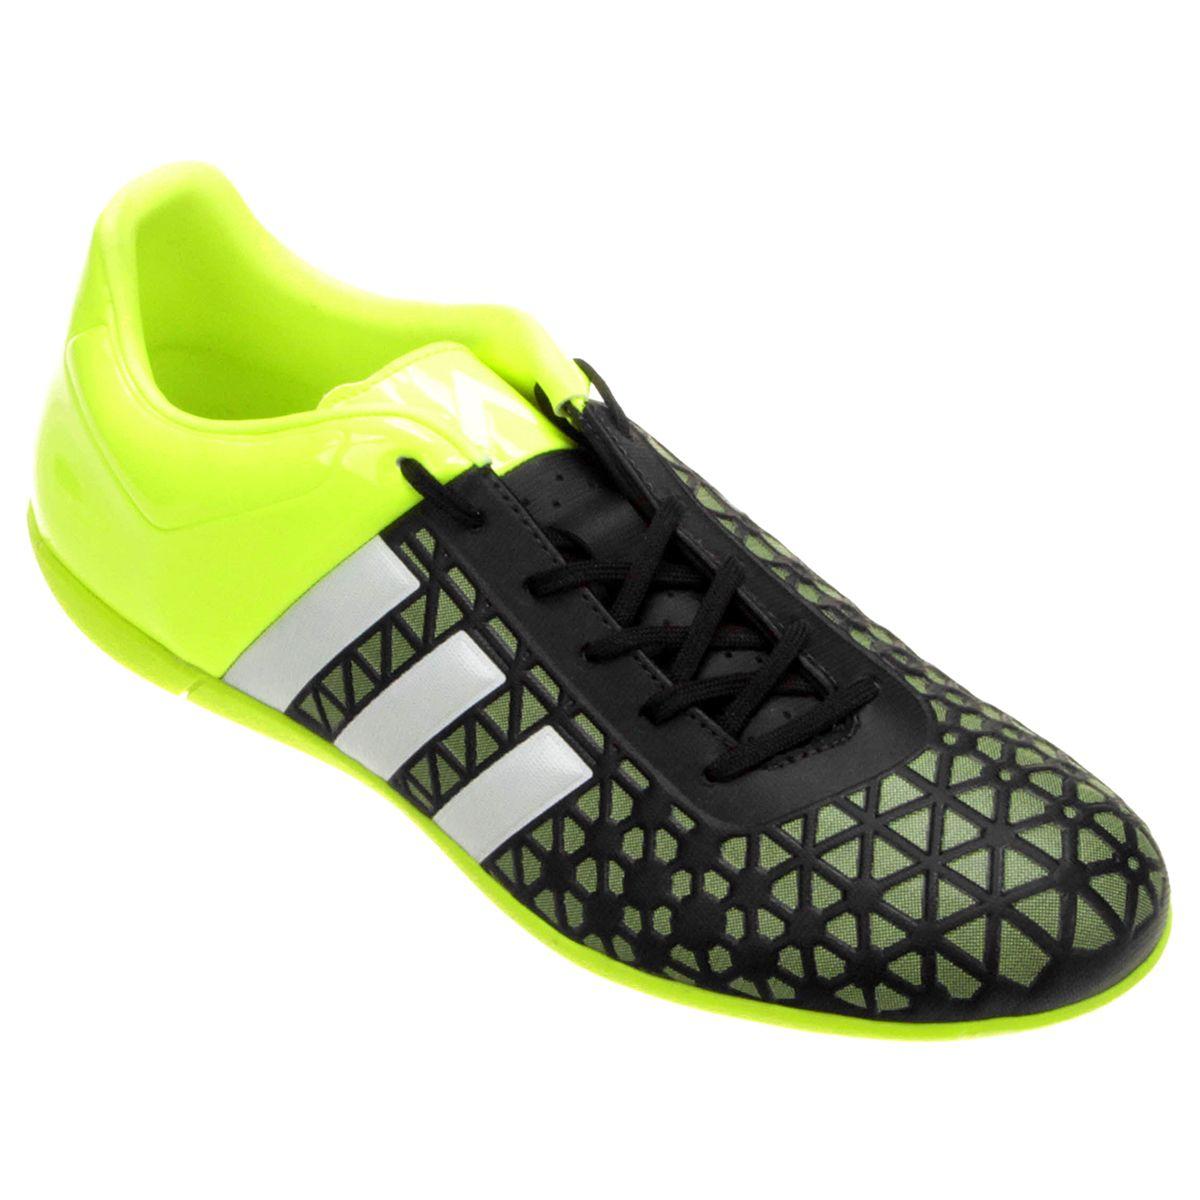 fcfe4e3822fda ... Nike Mercurial Superfly CR7 na Móveis pra Você Chuteira Adidas Ace 15 3  IN Futsal Verde e Preto Netshoes ...